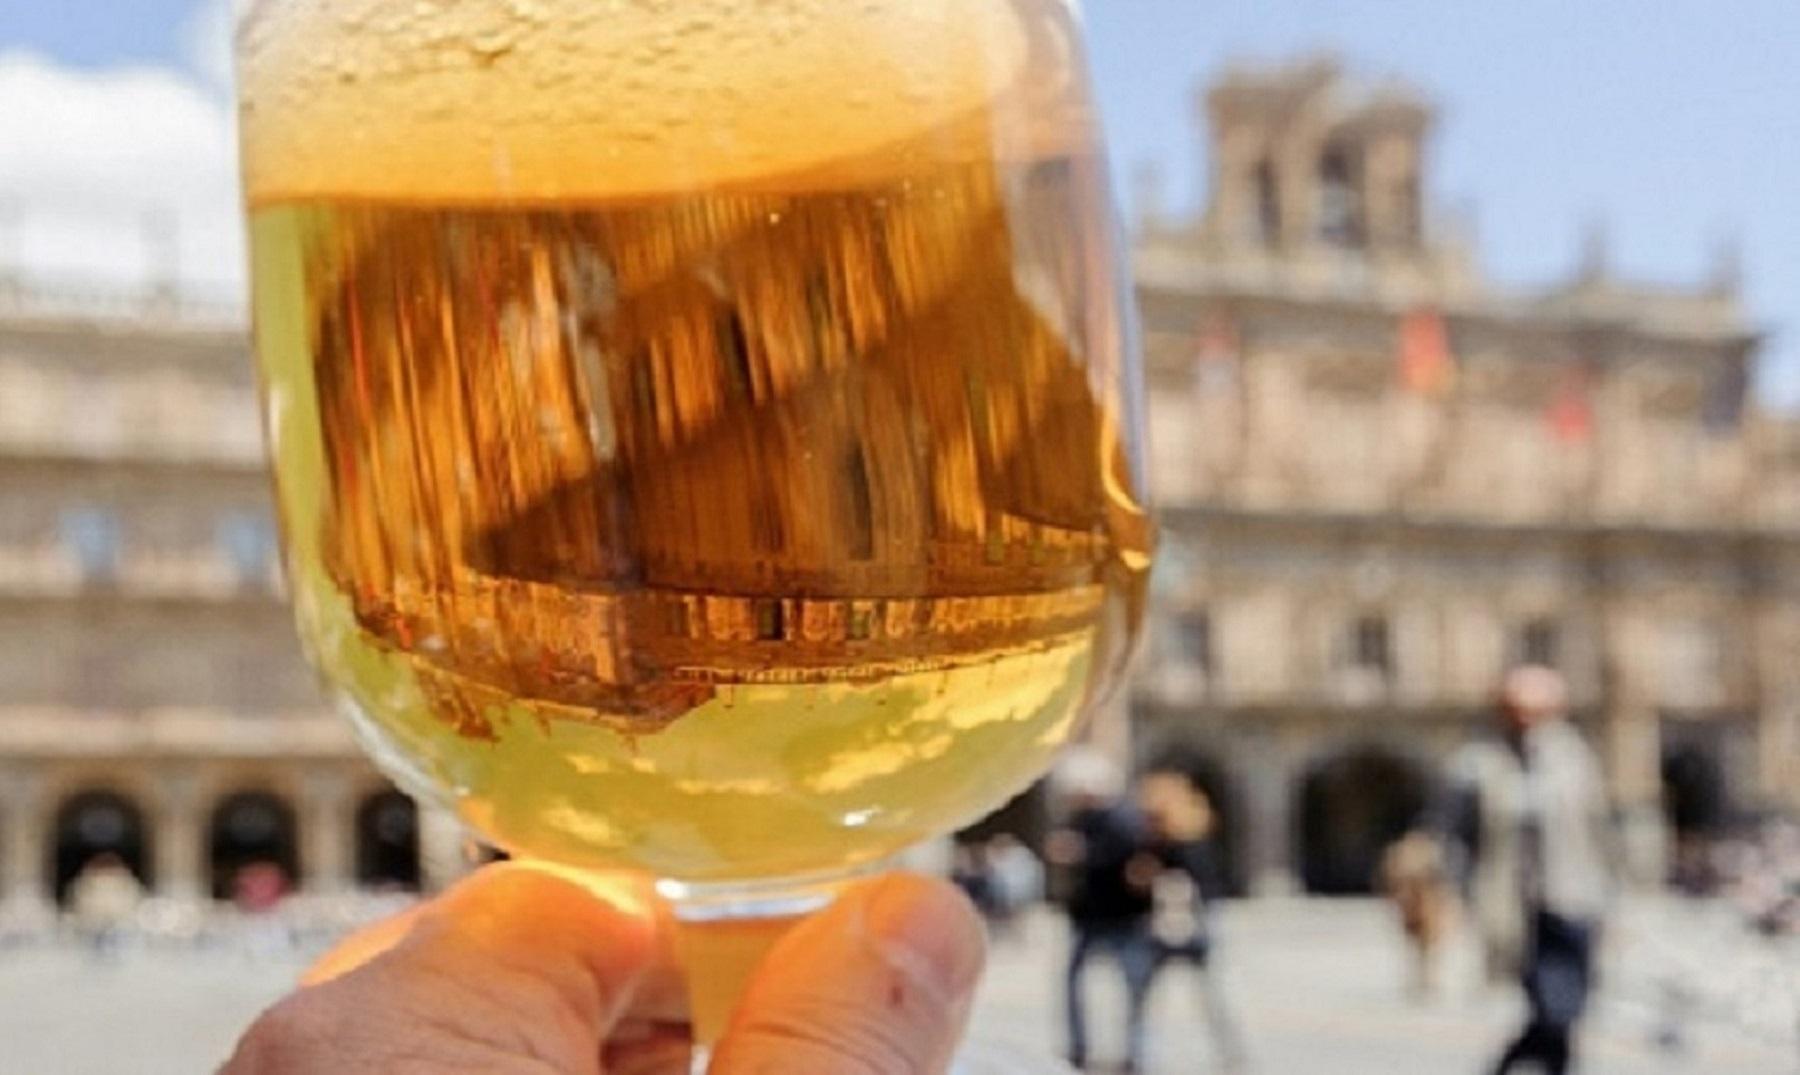 ¿Porqué la cerveza no se envasa en plástico?